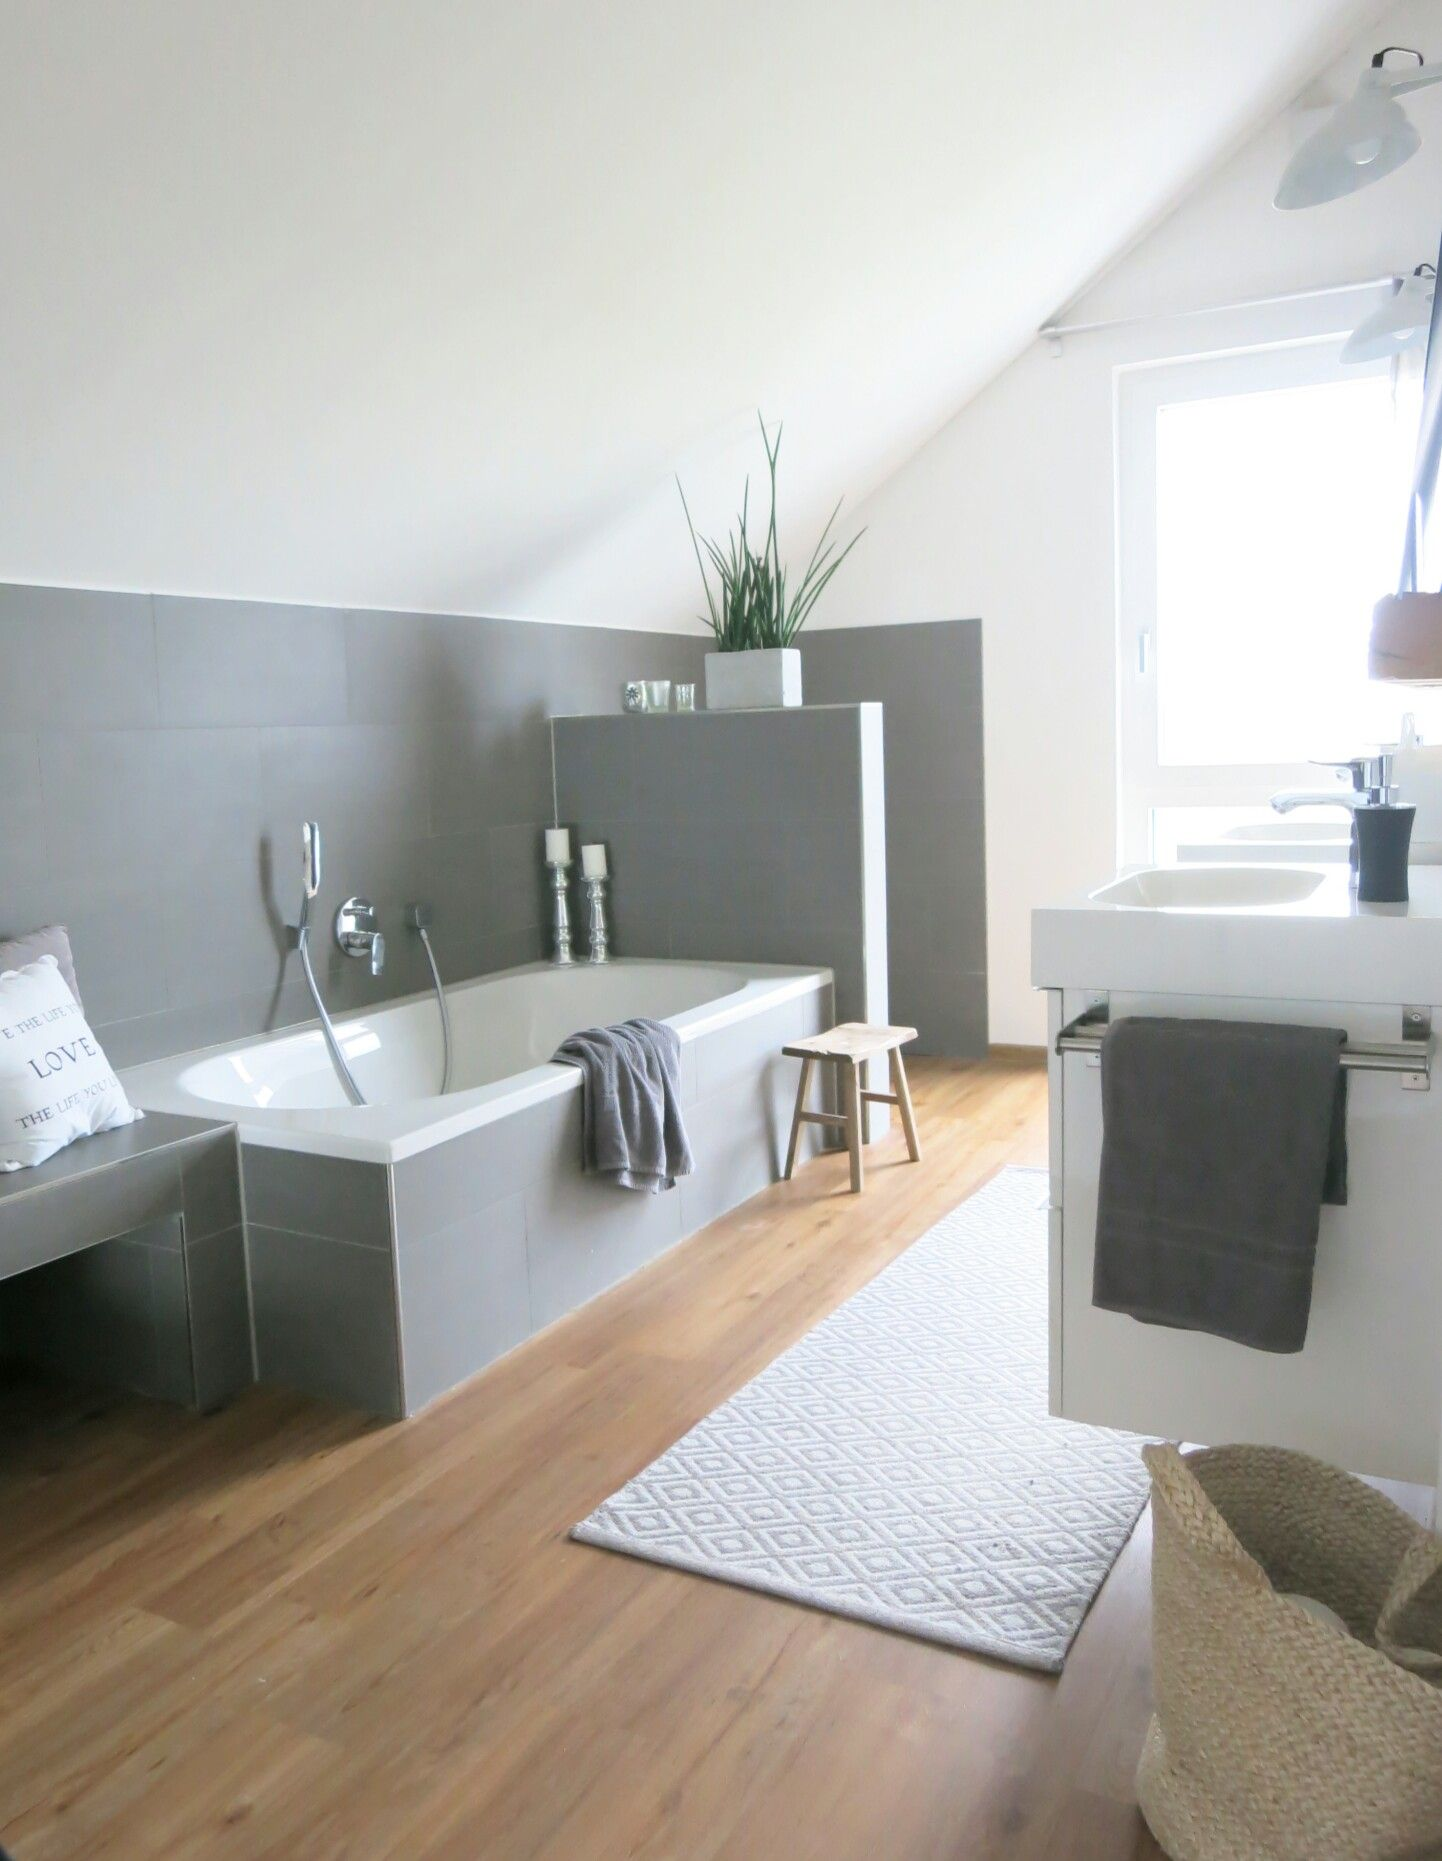 Modernes Badezimmer mit Holz und Beton Badezimmer Wohnen Bathroom Badewanne Dusche